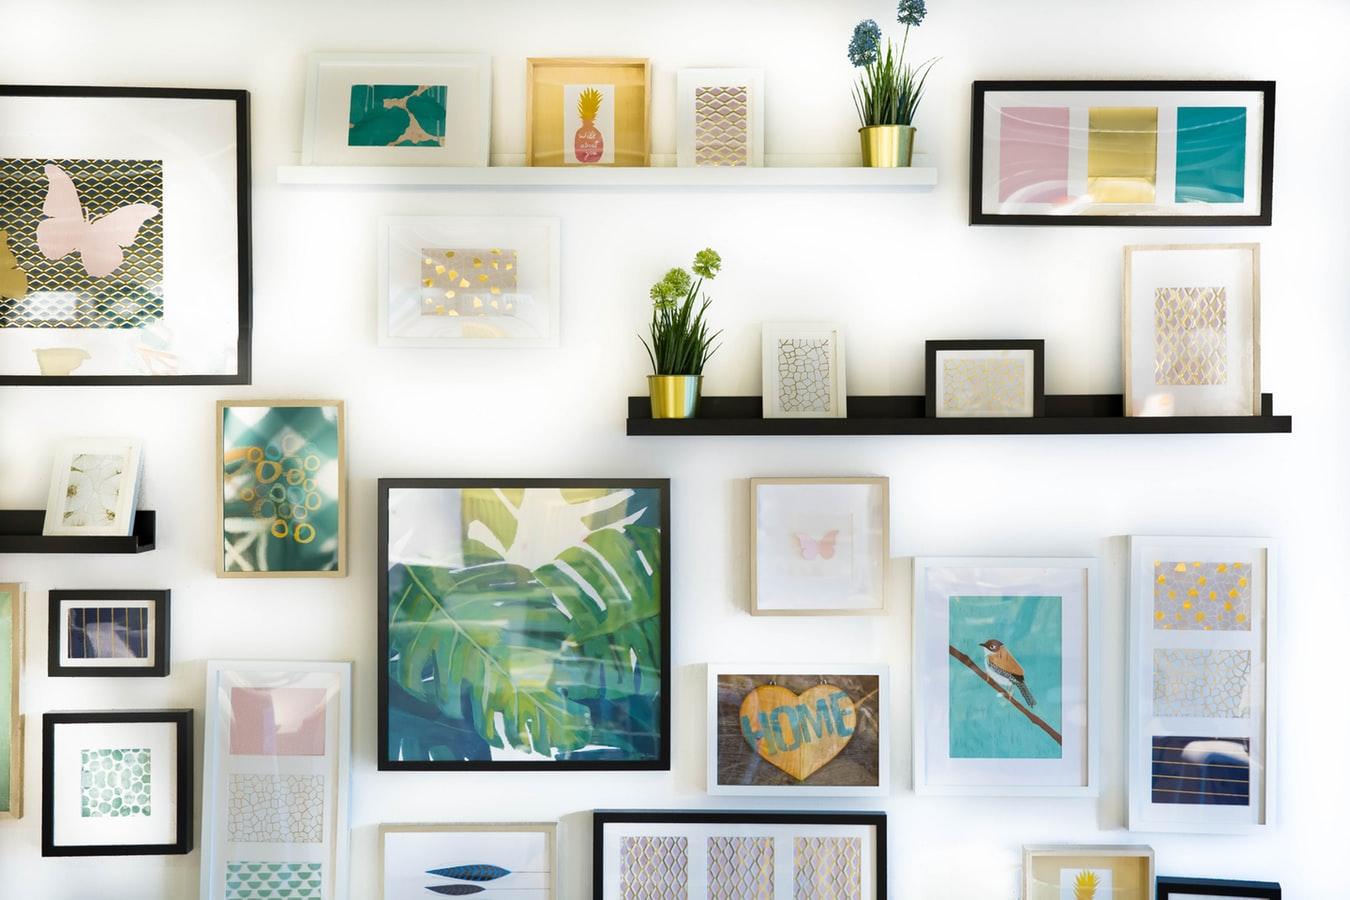 Décorer Son Mur Avec Des Photos comment créer un mur de photos ? conseils & idées | myposter